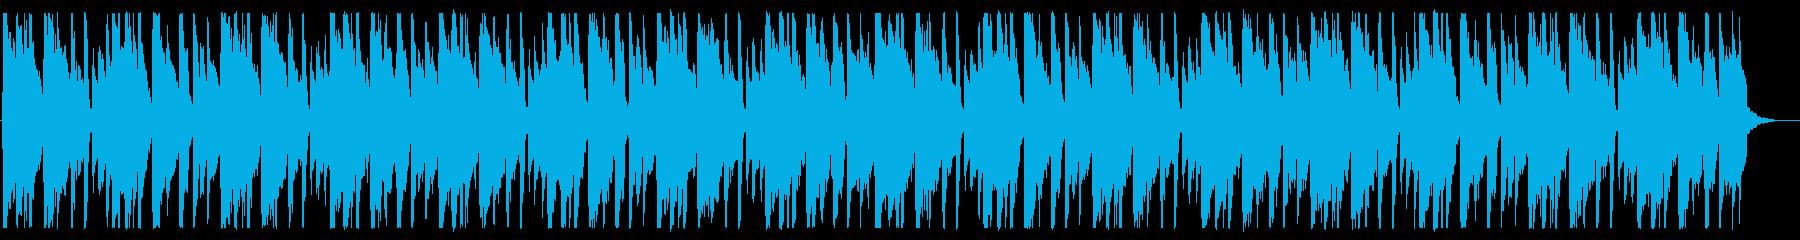 アーバン/都会/R&B_No458_5の再生済みの波形